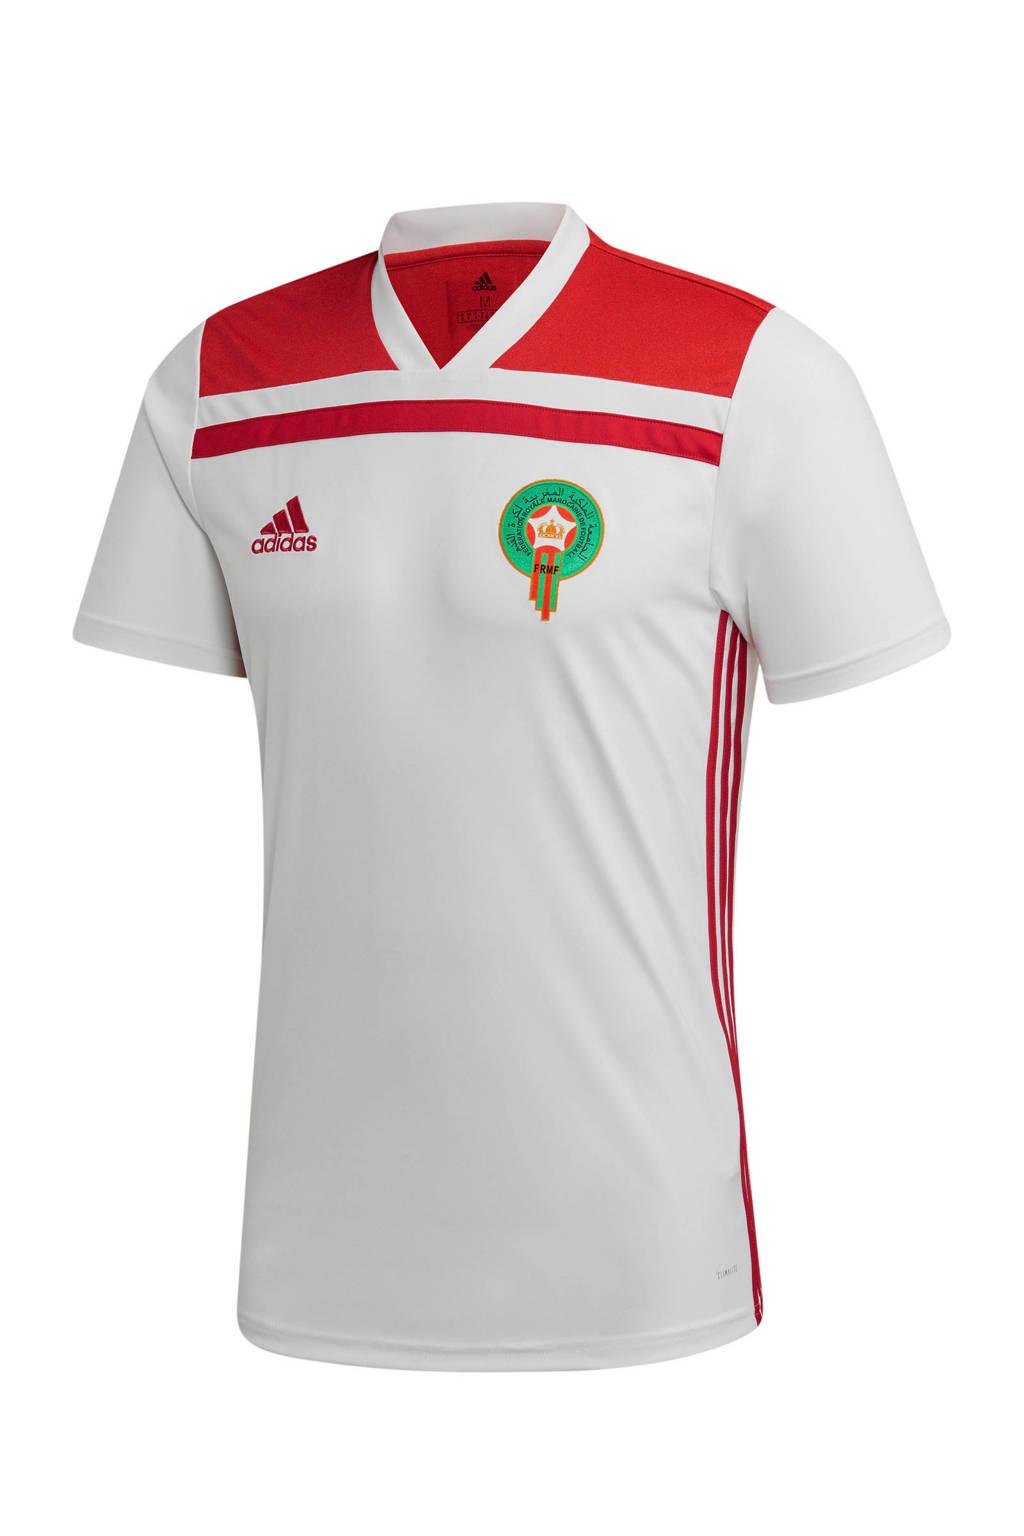 adidas performance Senior Marokko voetbalshirt Uit, Wit/rood